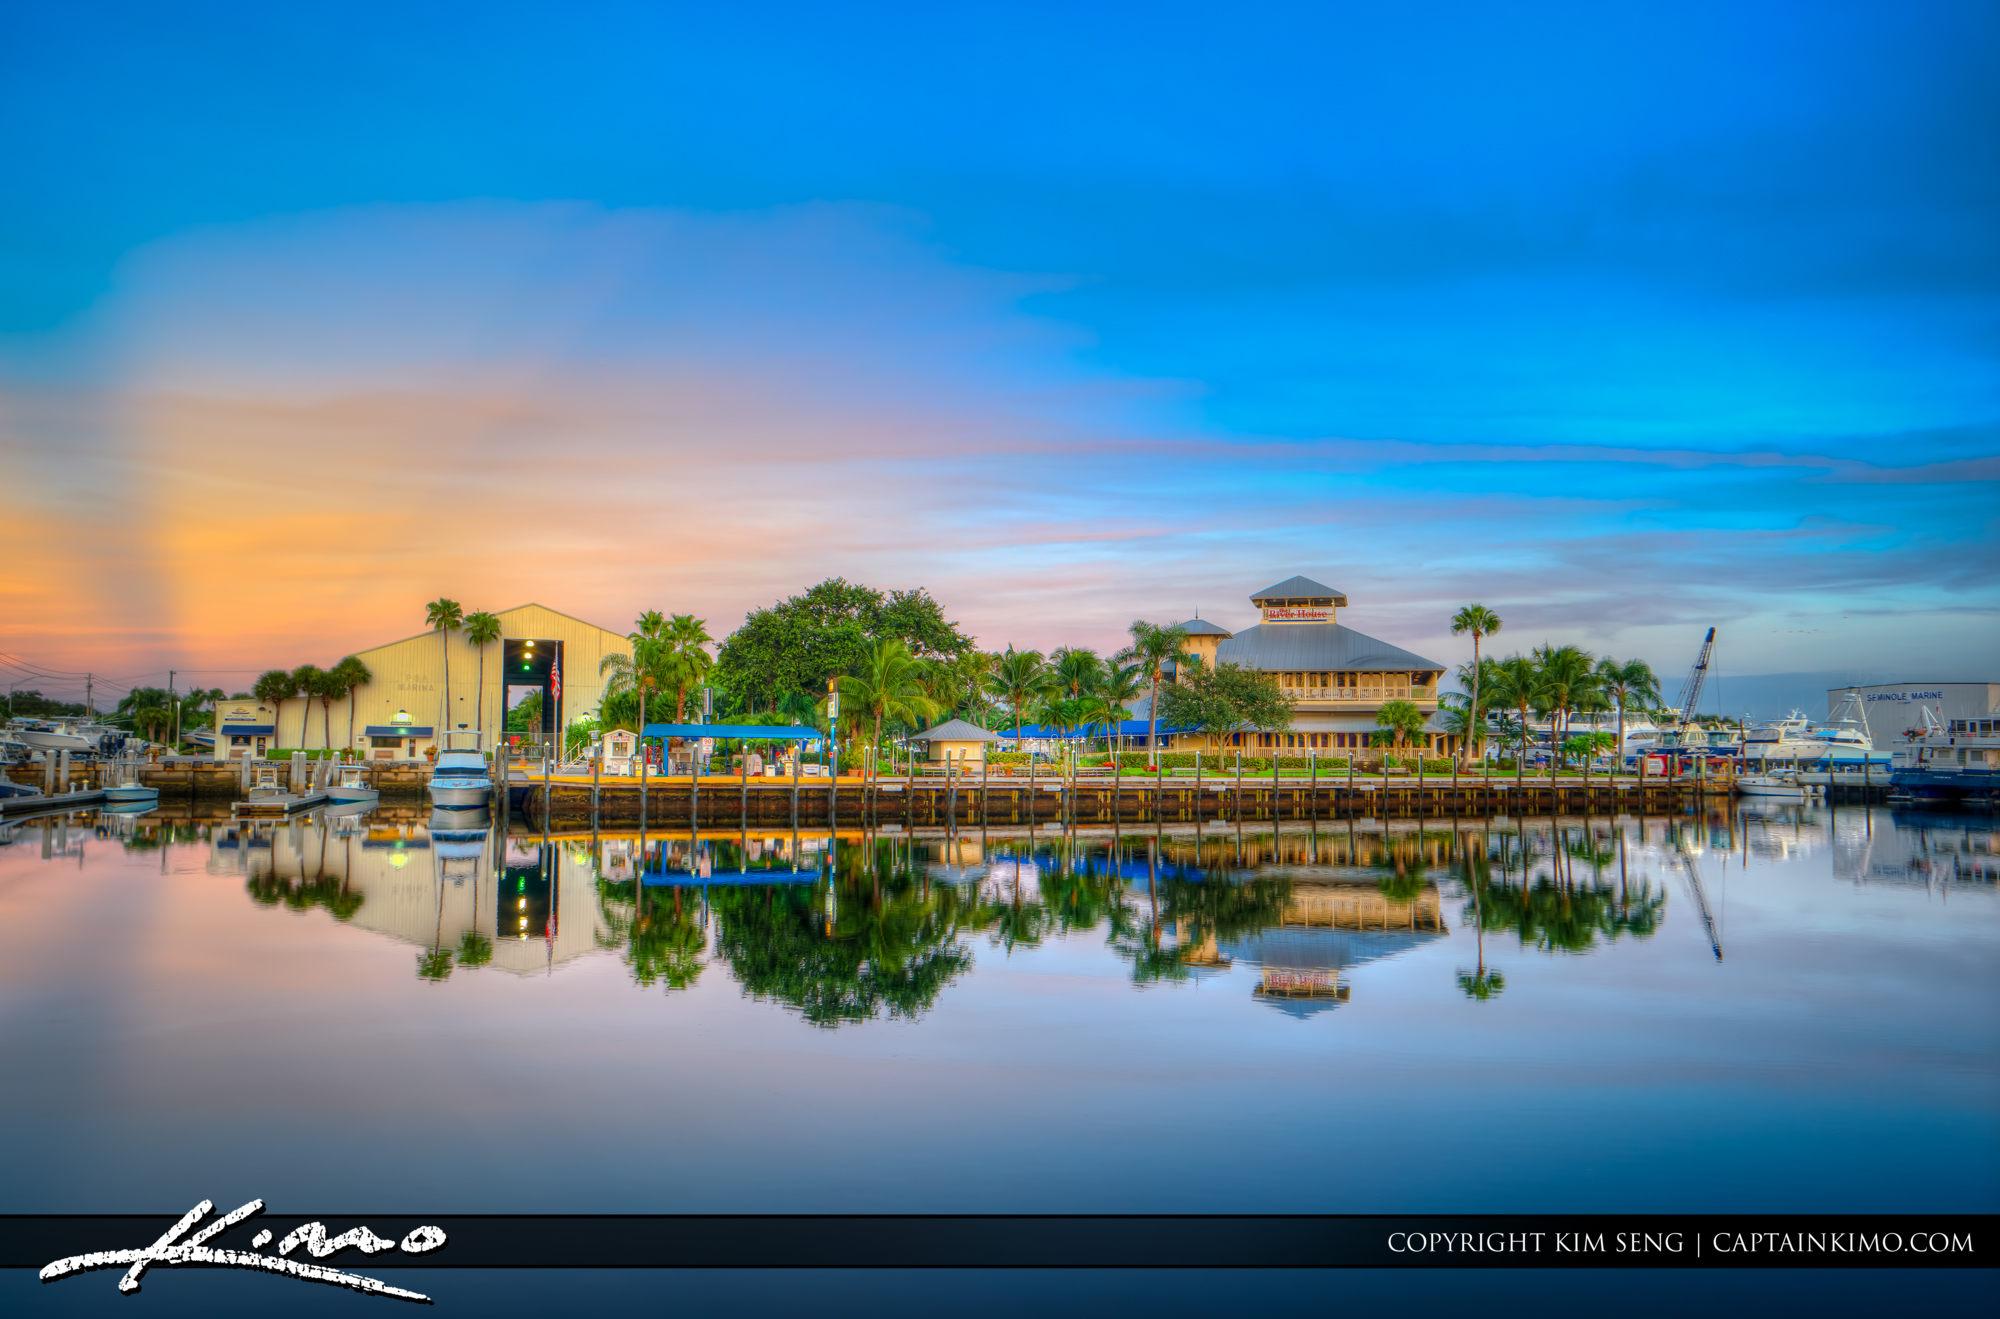 Riverhouse and PGA Marina Palm Beach Gardens Waterway